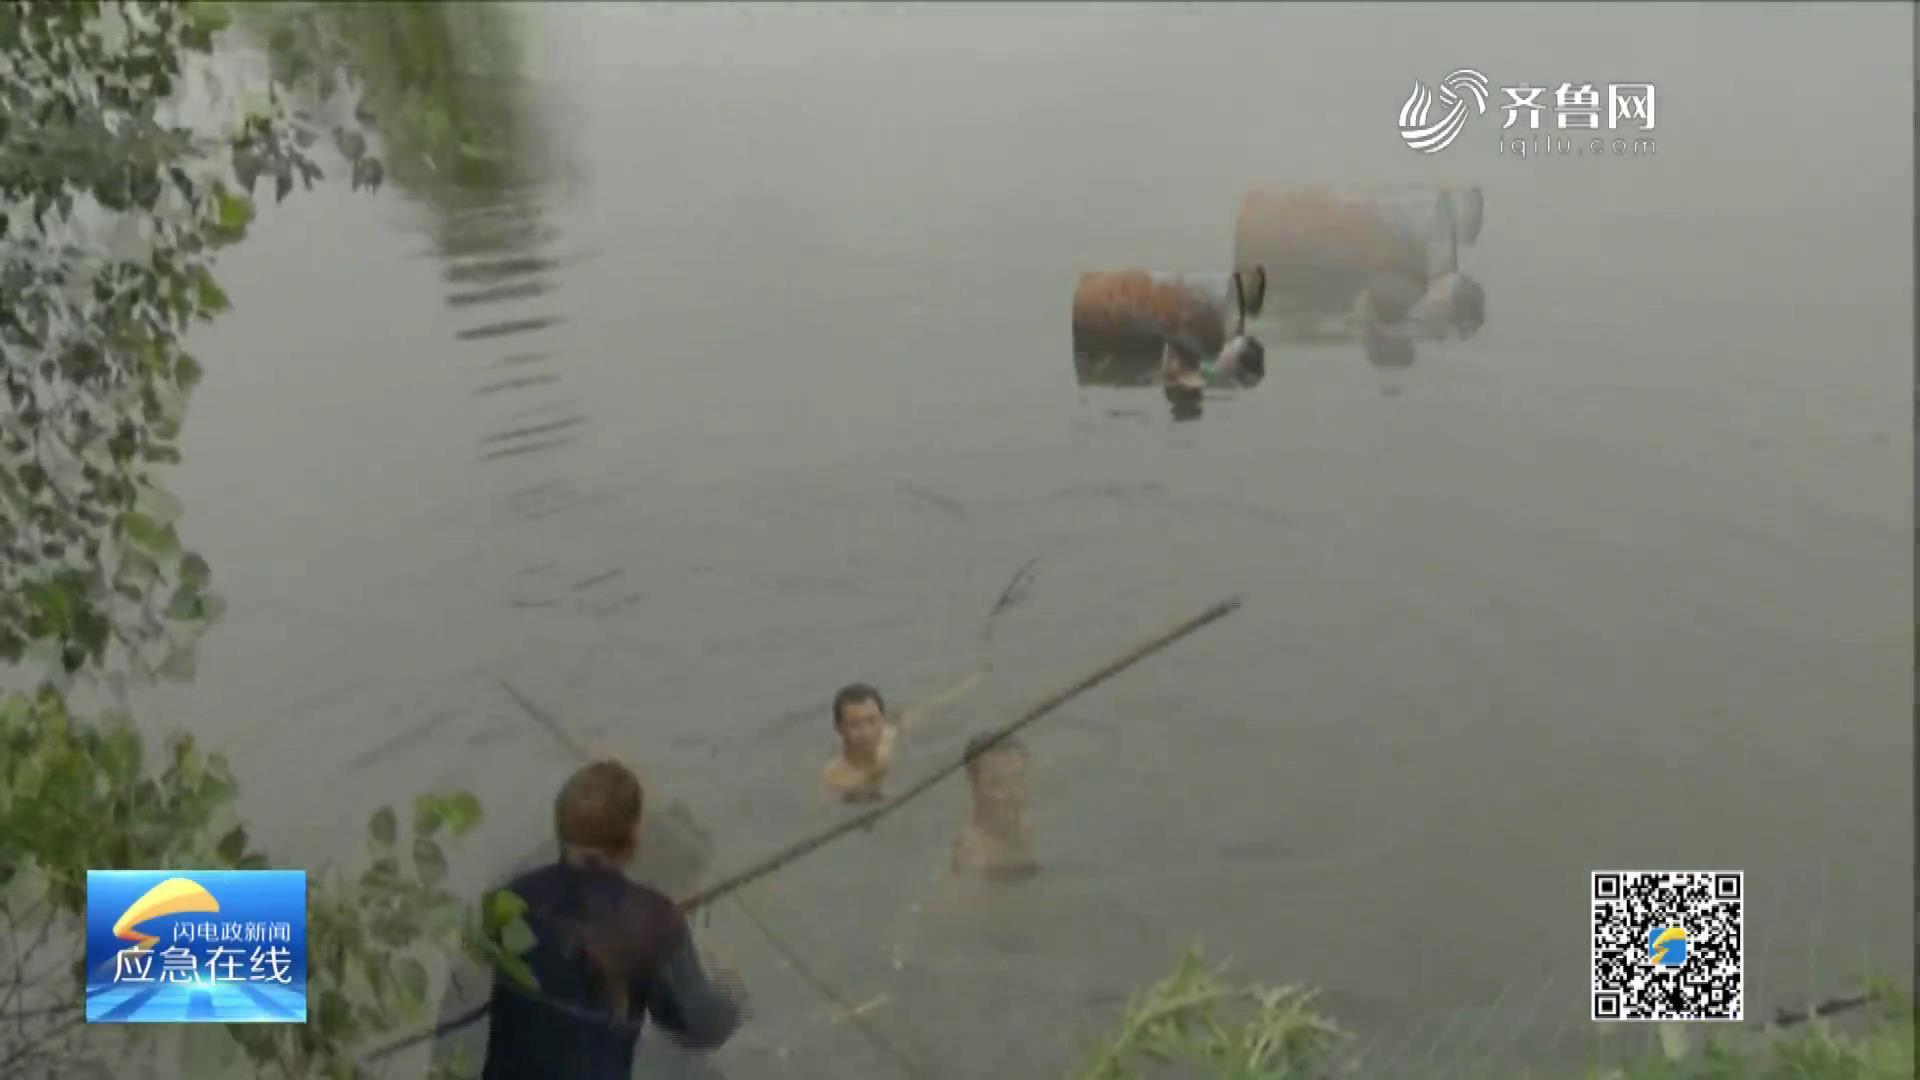 《應急在線》20210718:越野車沖進水庫 好夫妻勇救落水母子